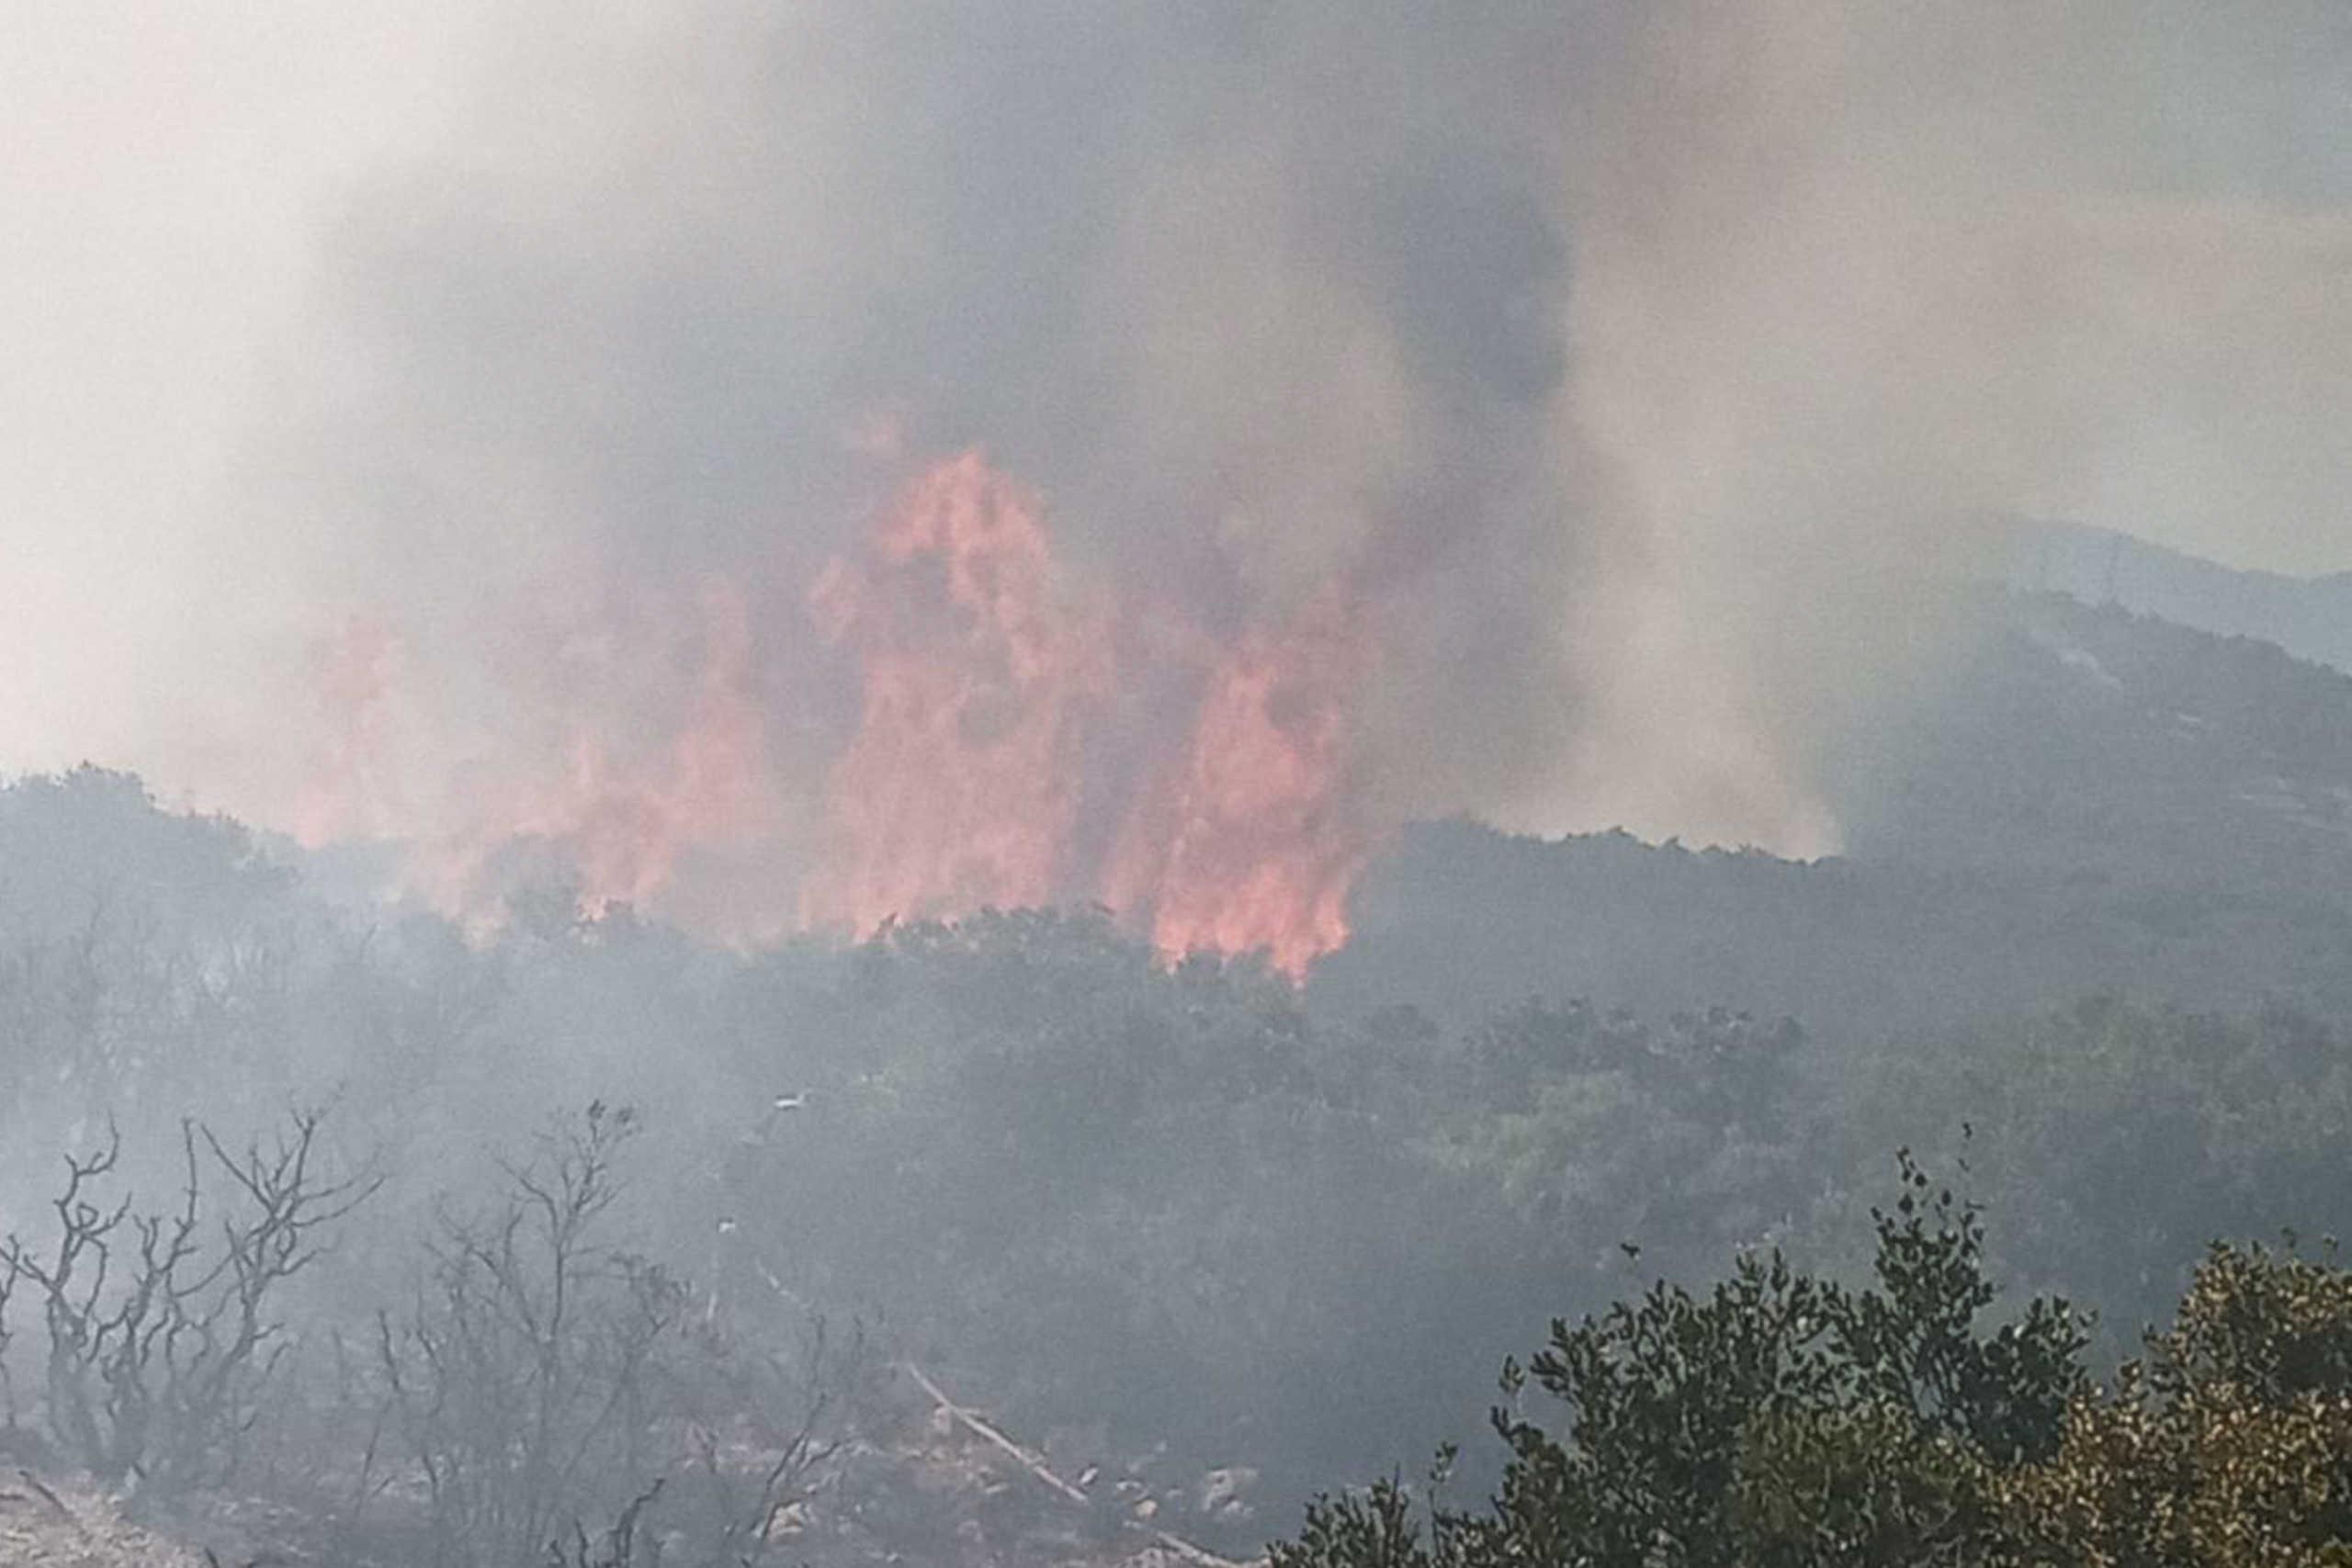 Αλεξανδρούπολη: Πυρκαγιά στην Κοτρωνιά Σουφλίου – Ισχυρές πυροσβεστικές δυνάμεις στην περιοχή